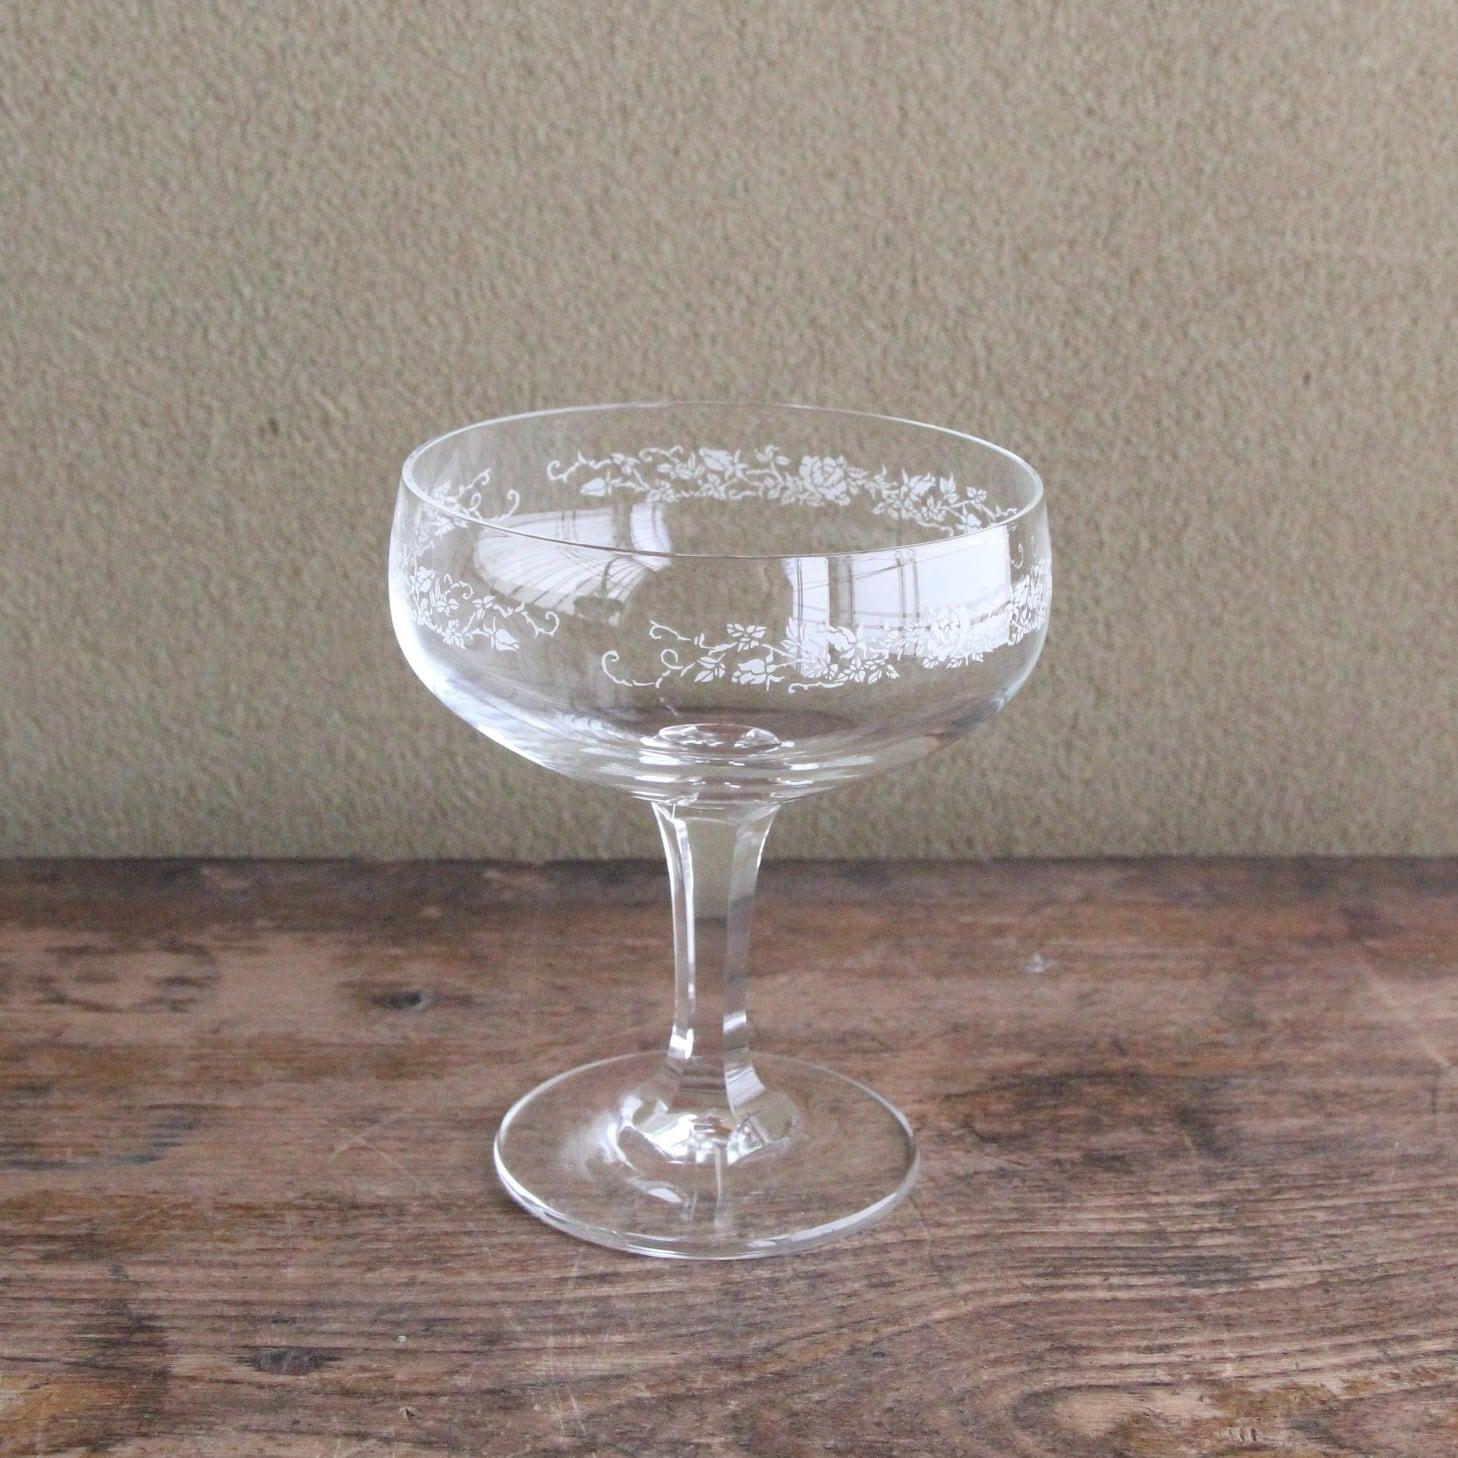 クリスタルガラス デザートグラス 在庫3客